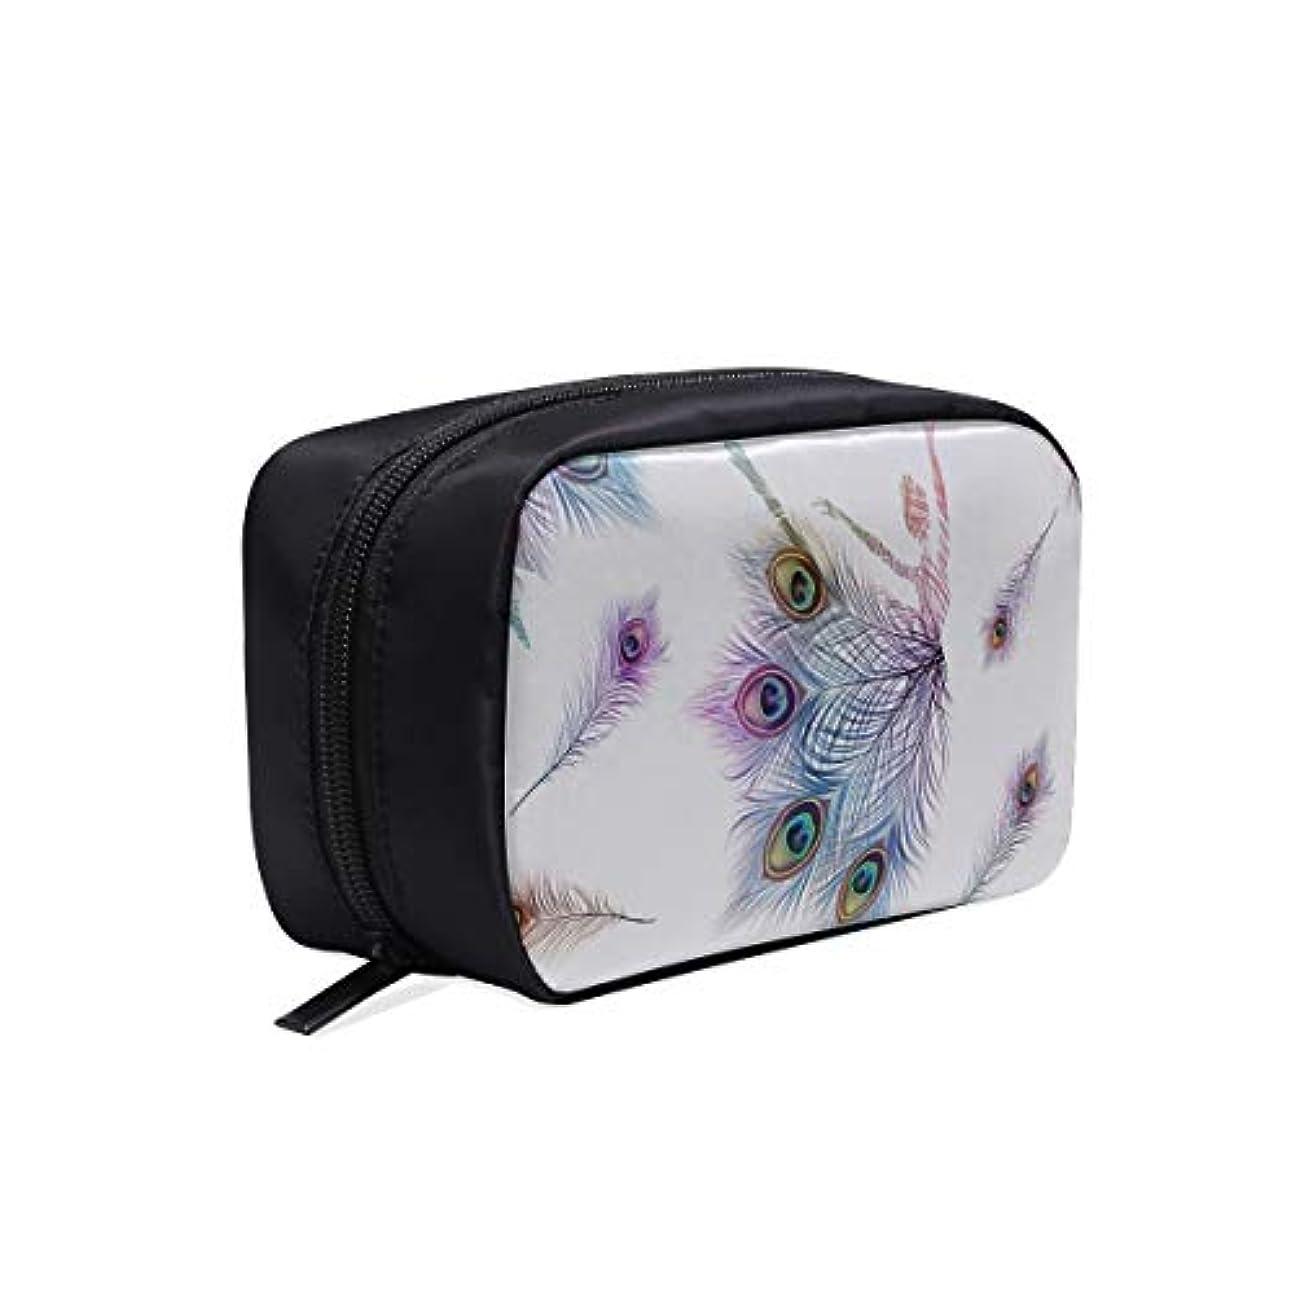 バイナリ十分マージンGXMAN メイクポーチ バレエ ボックス コスメ収納 化粧品収納ケース 大容量 収納 化粧品入れ 化粧バッグ 旅行用 メイクブラシバッグ 化粧箱 持ち運び便利 プロ用